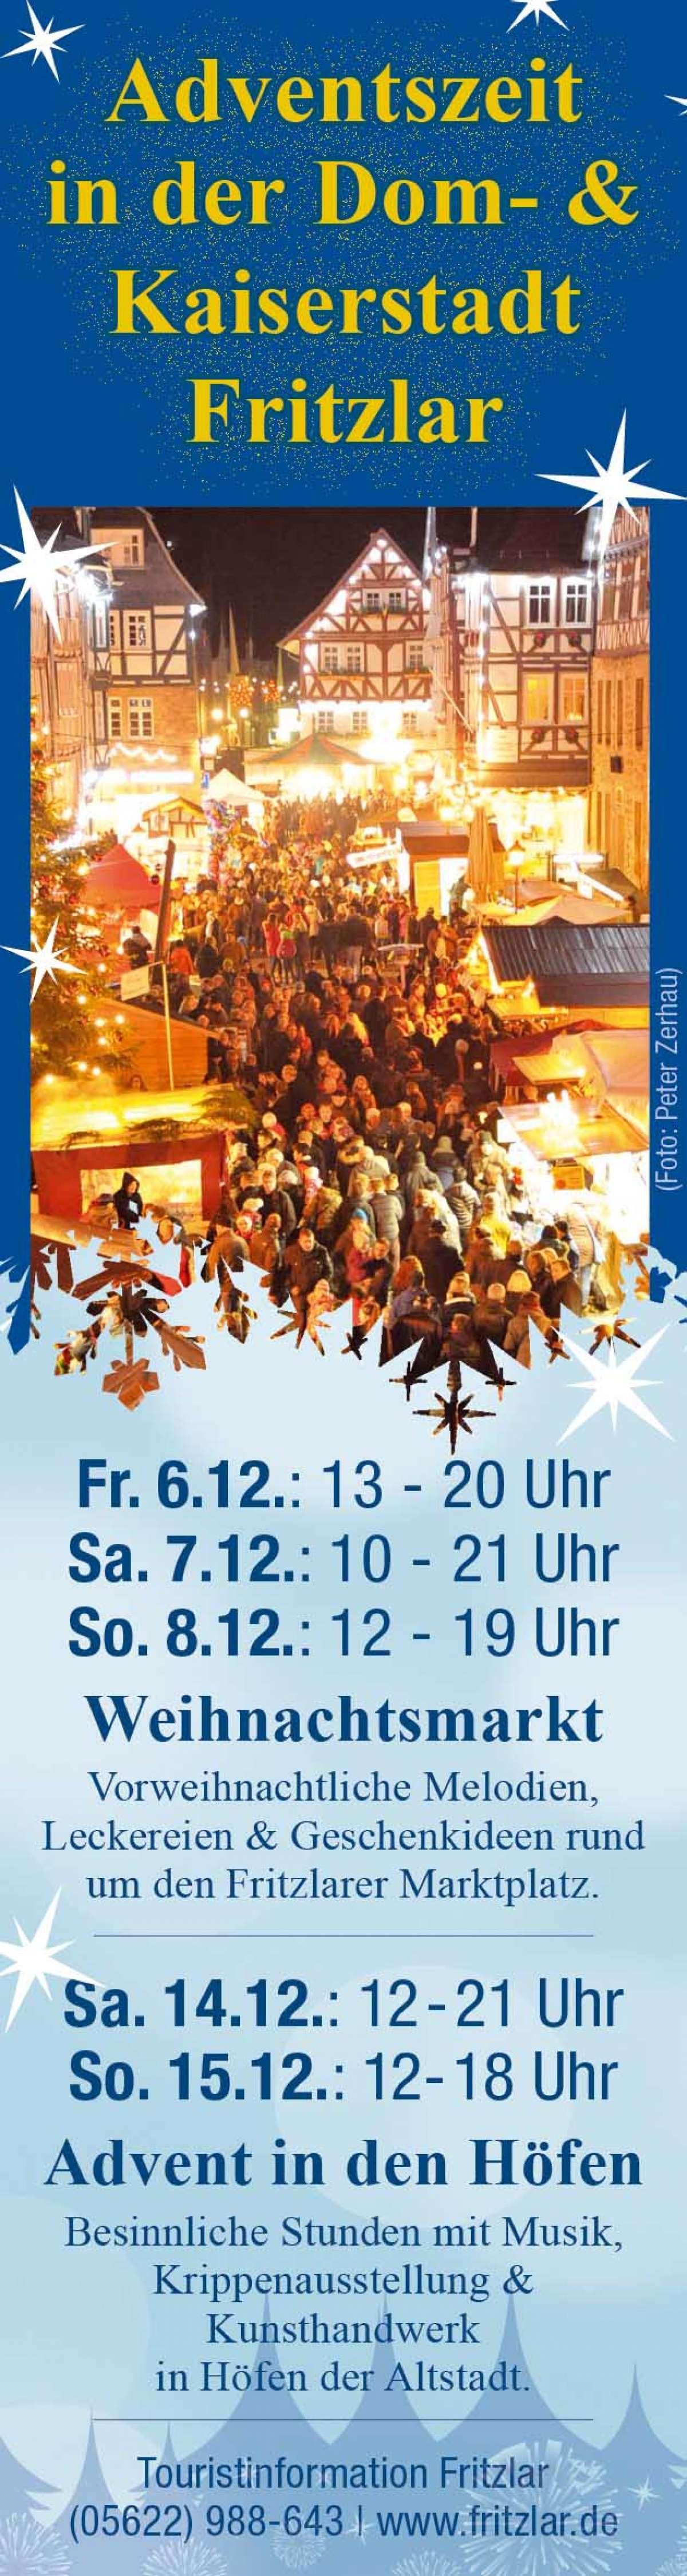 Veranstaltungen & Events am »Samstag, 07. Dezember 2019« in deiner Nähe...